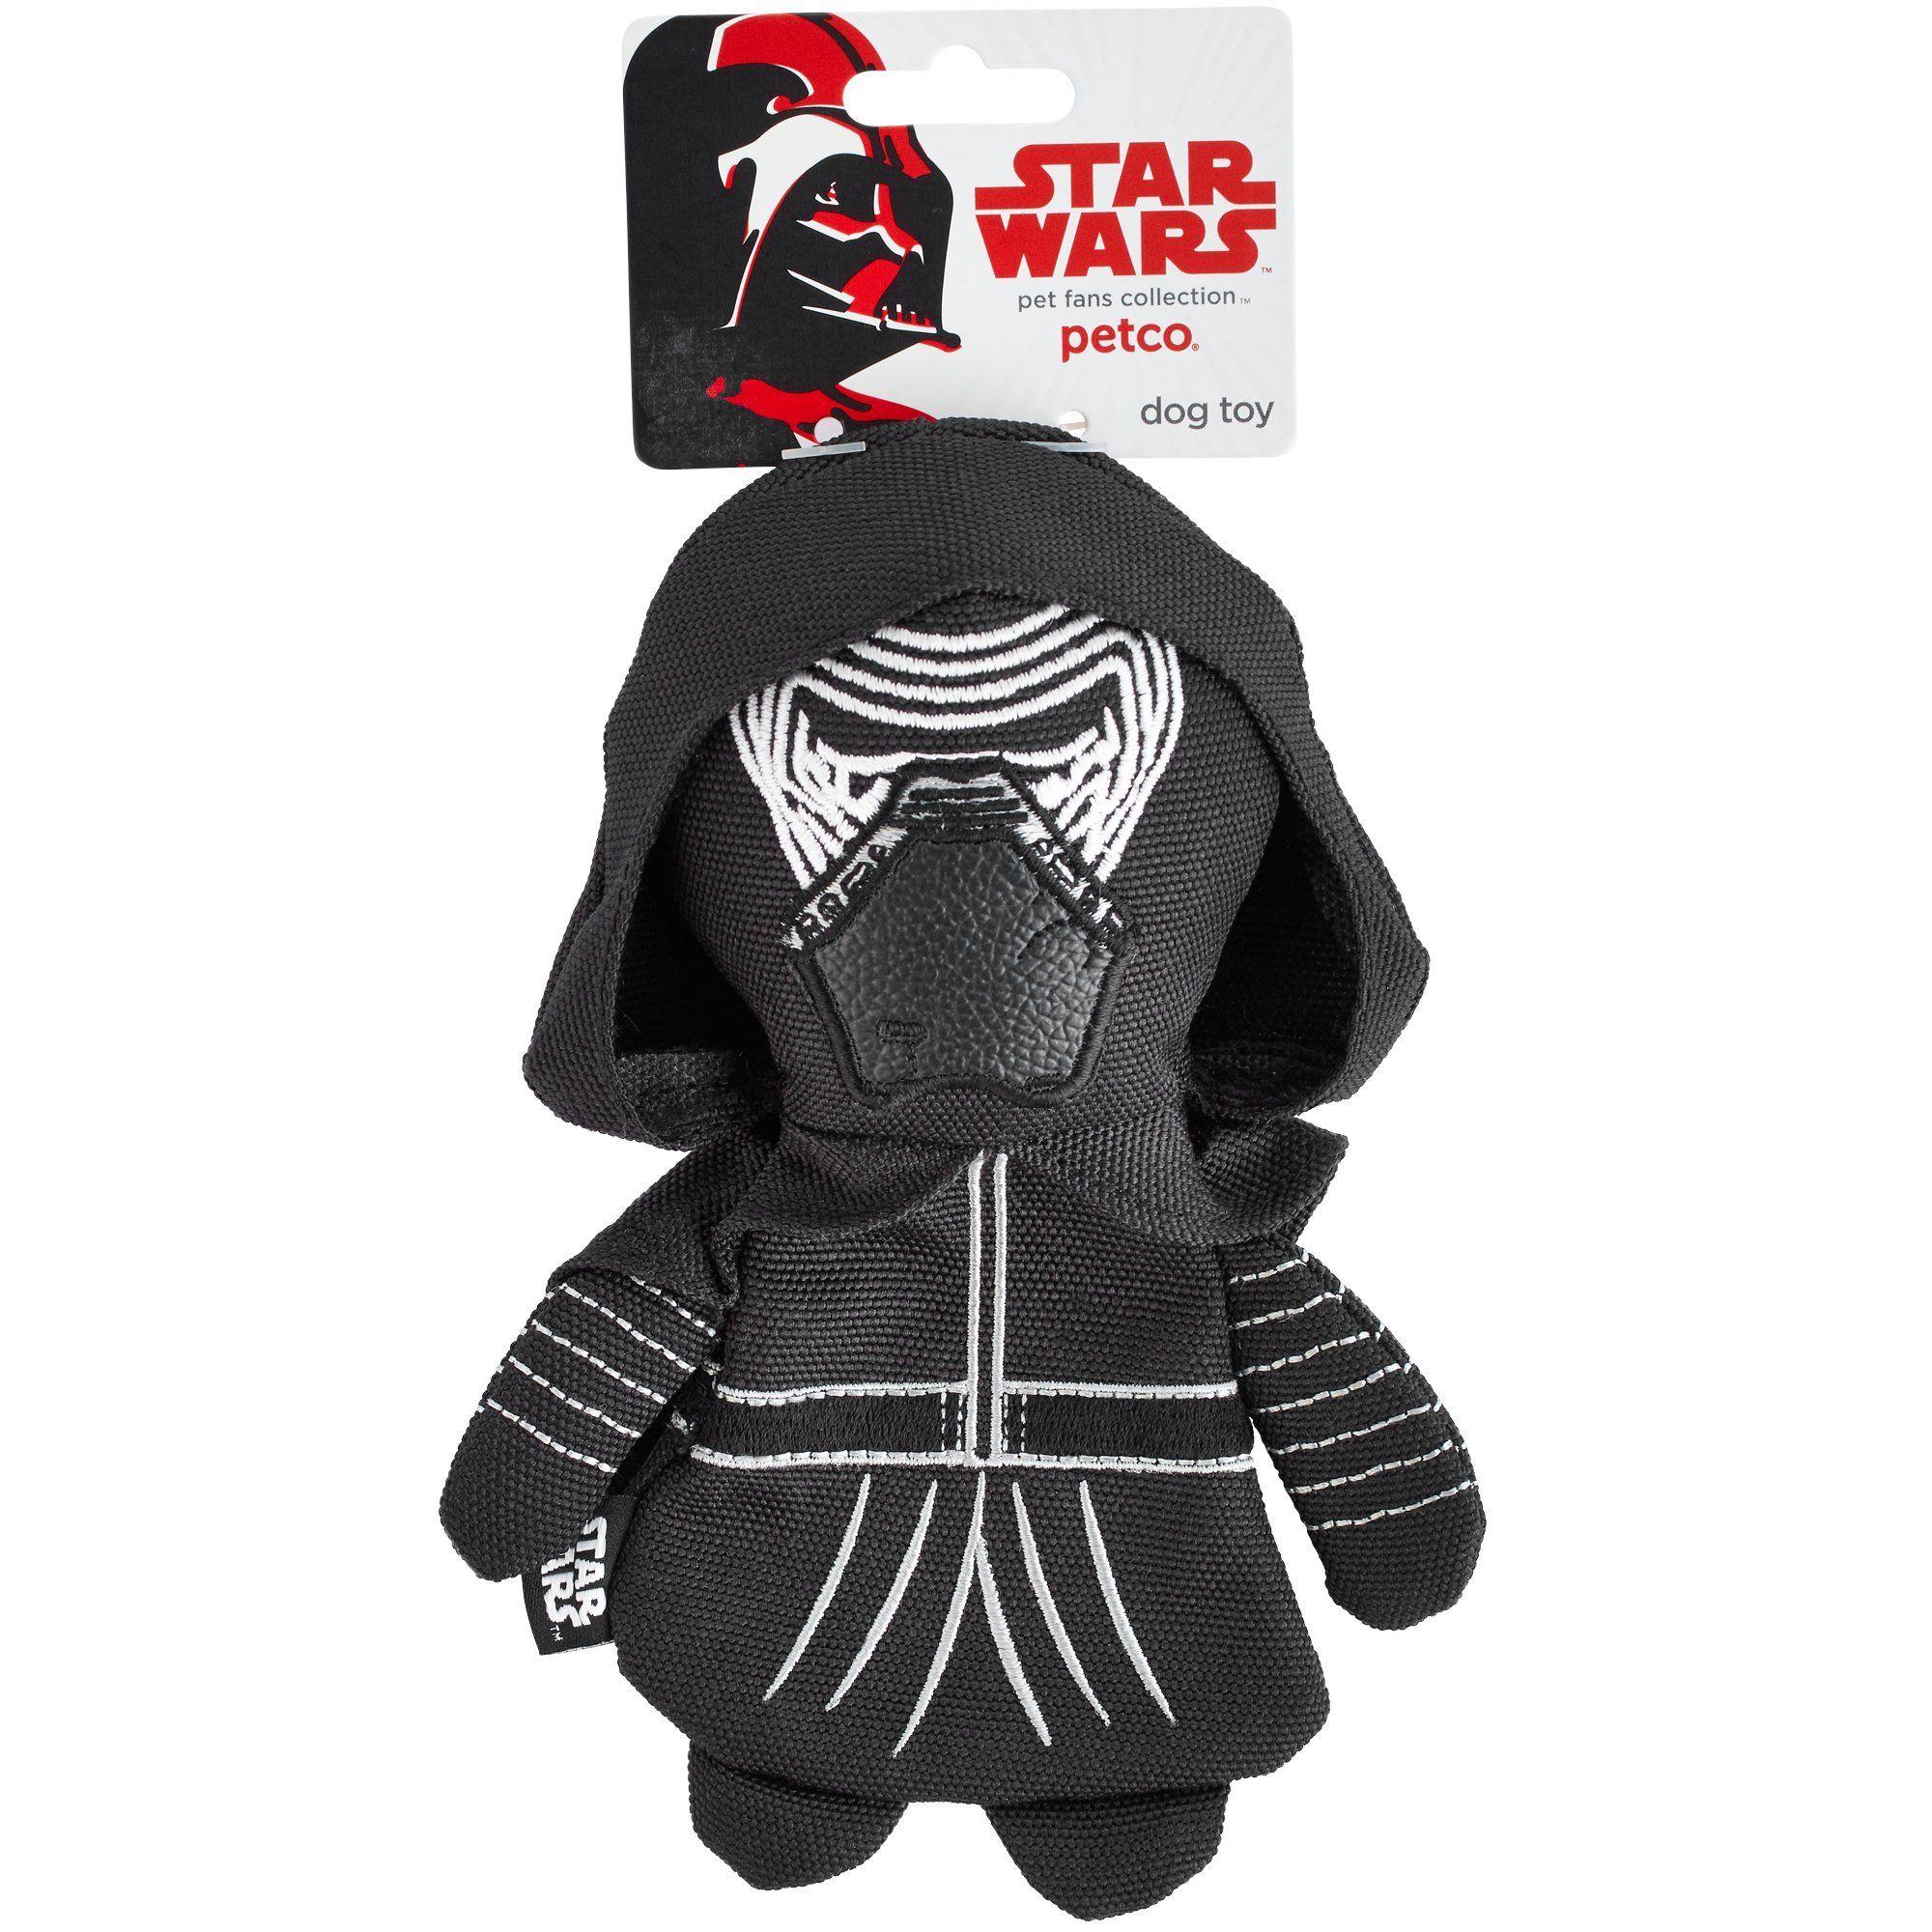 STAR WARS Kylo Ren Flattie Dog Toy ** Have a look at this